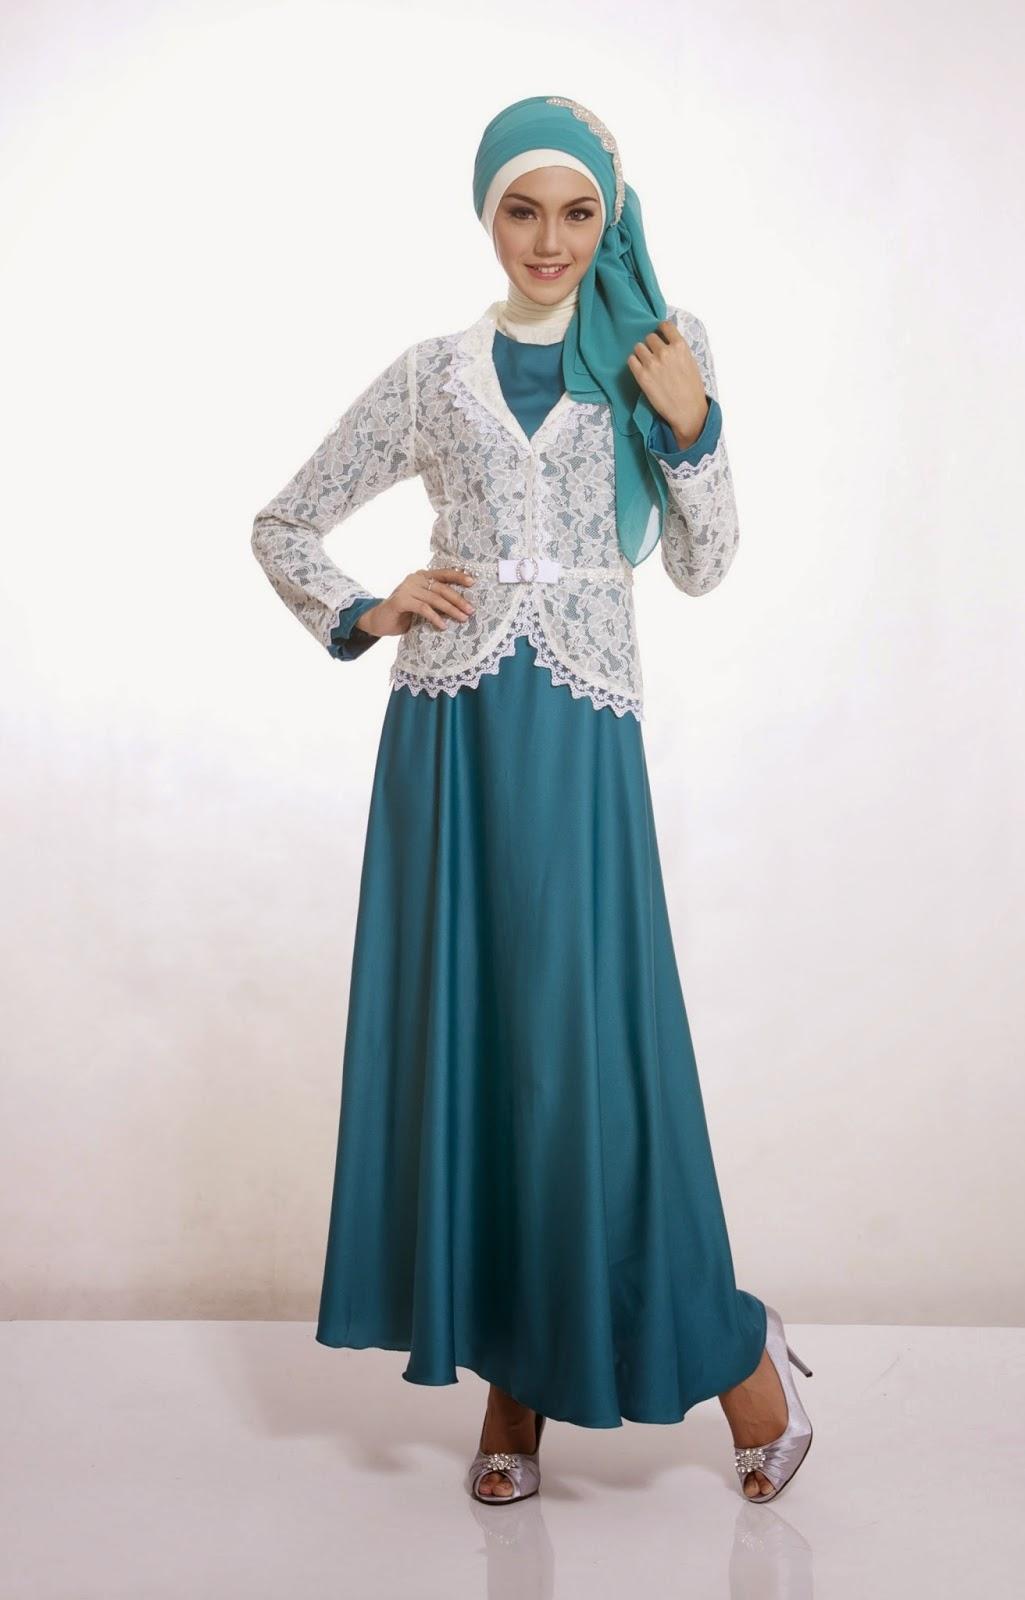 20 Contoh Model Baju Muslim untuk Pesta Terbaik 2015